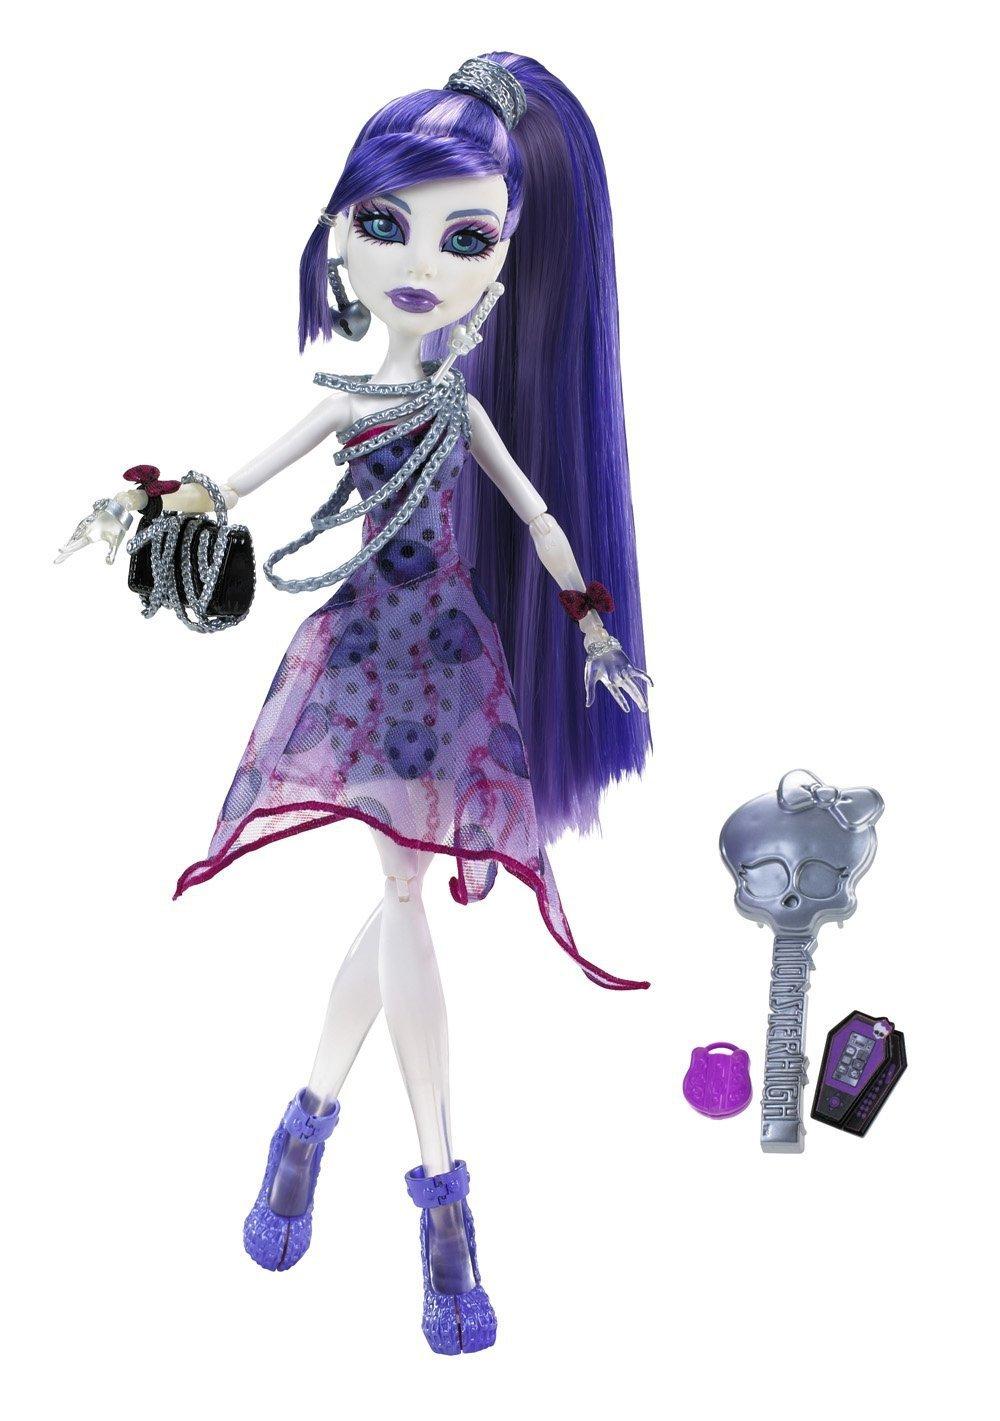 Купить Кукла Monster High Спектра Вондергейст - Вечеринка в горошек X4531, Куклы Monster High